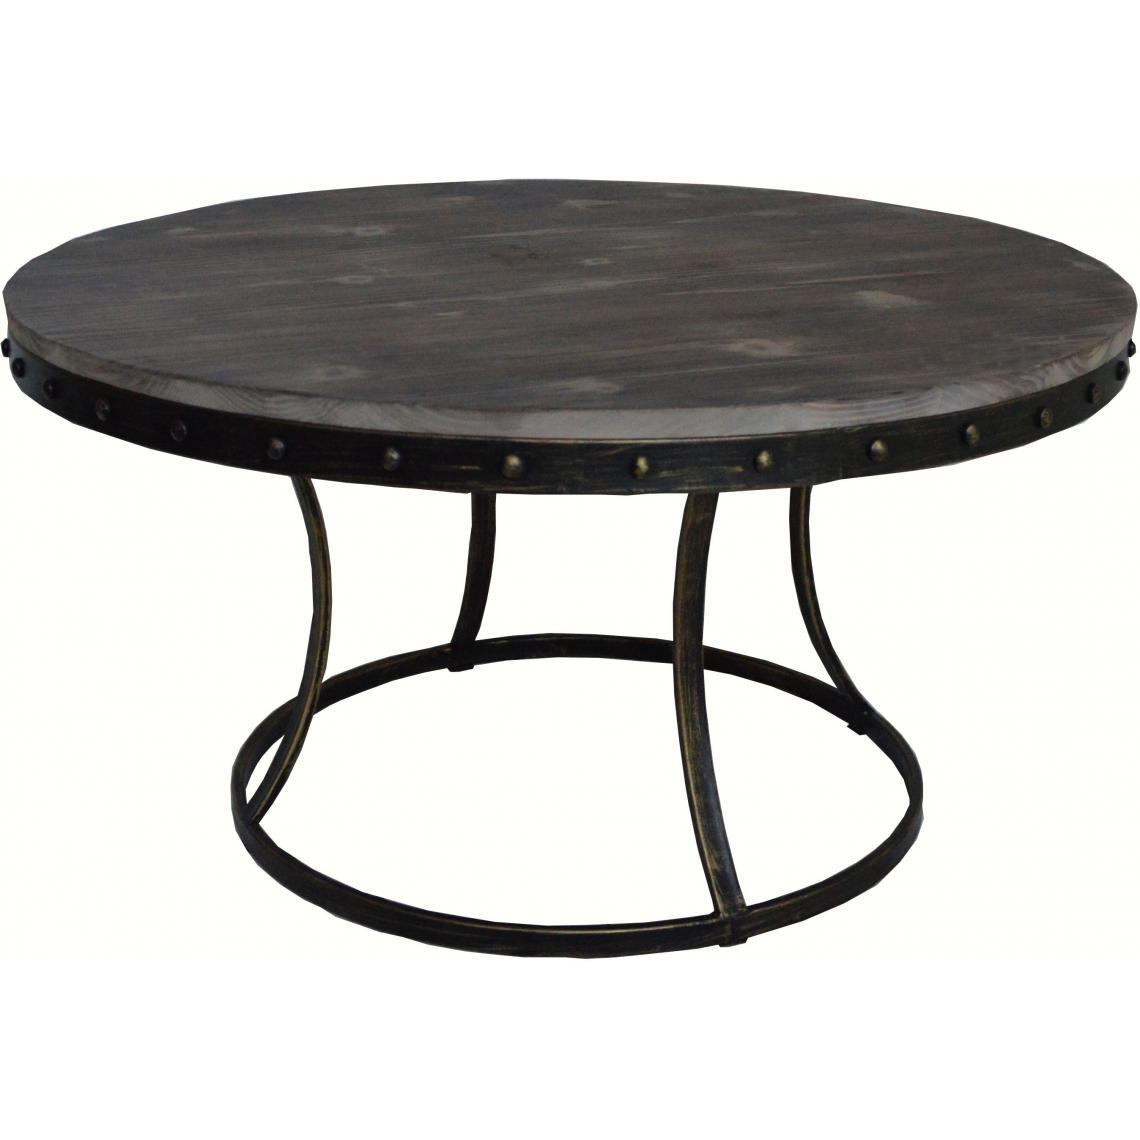 Table basse ronde en métal et bois FONDIA